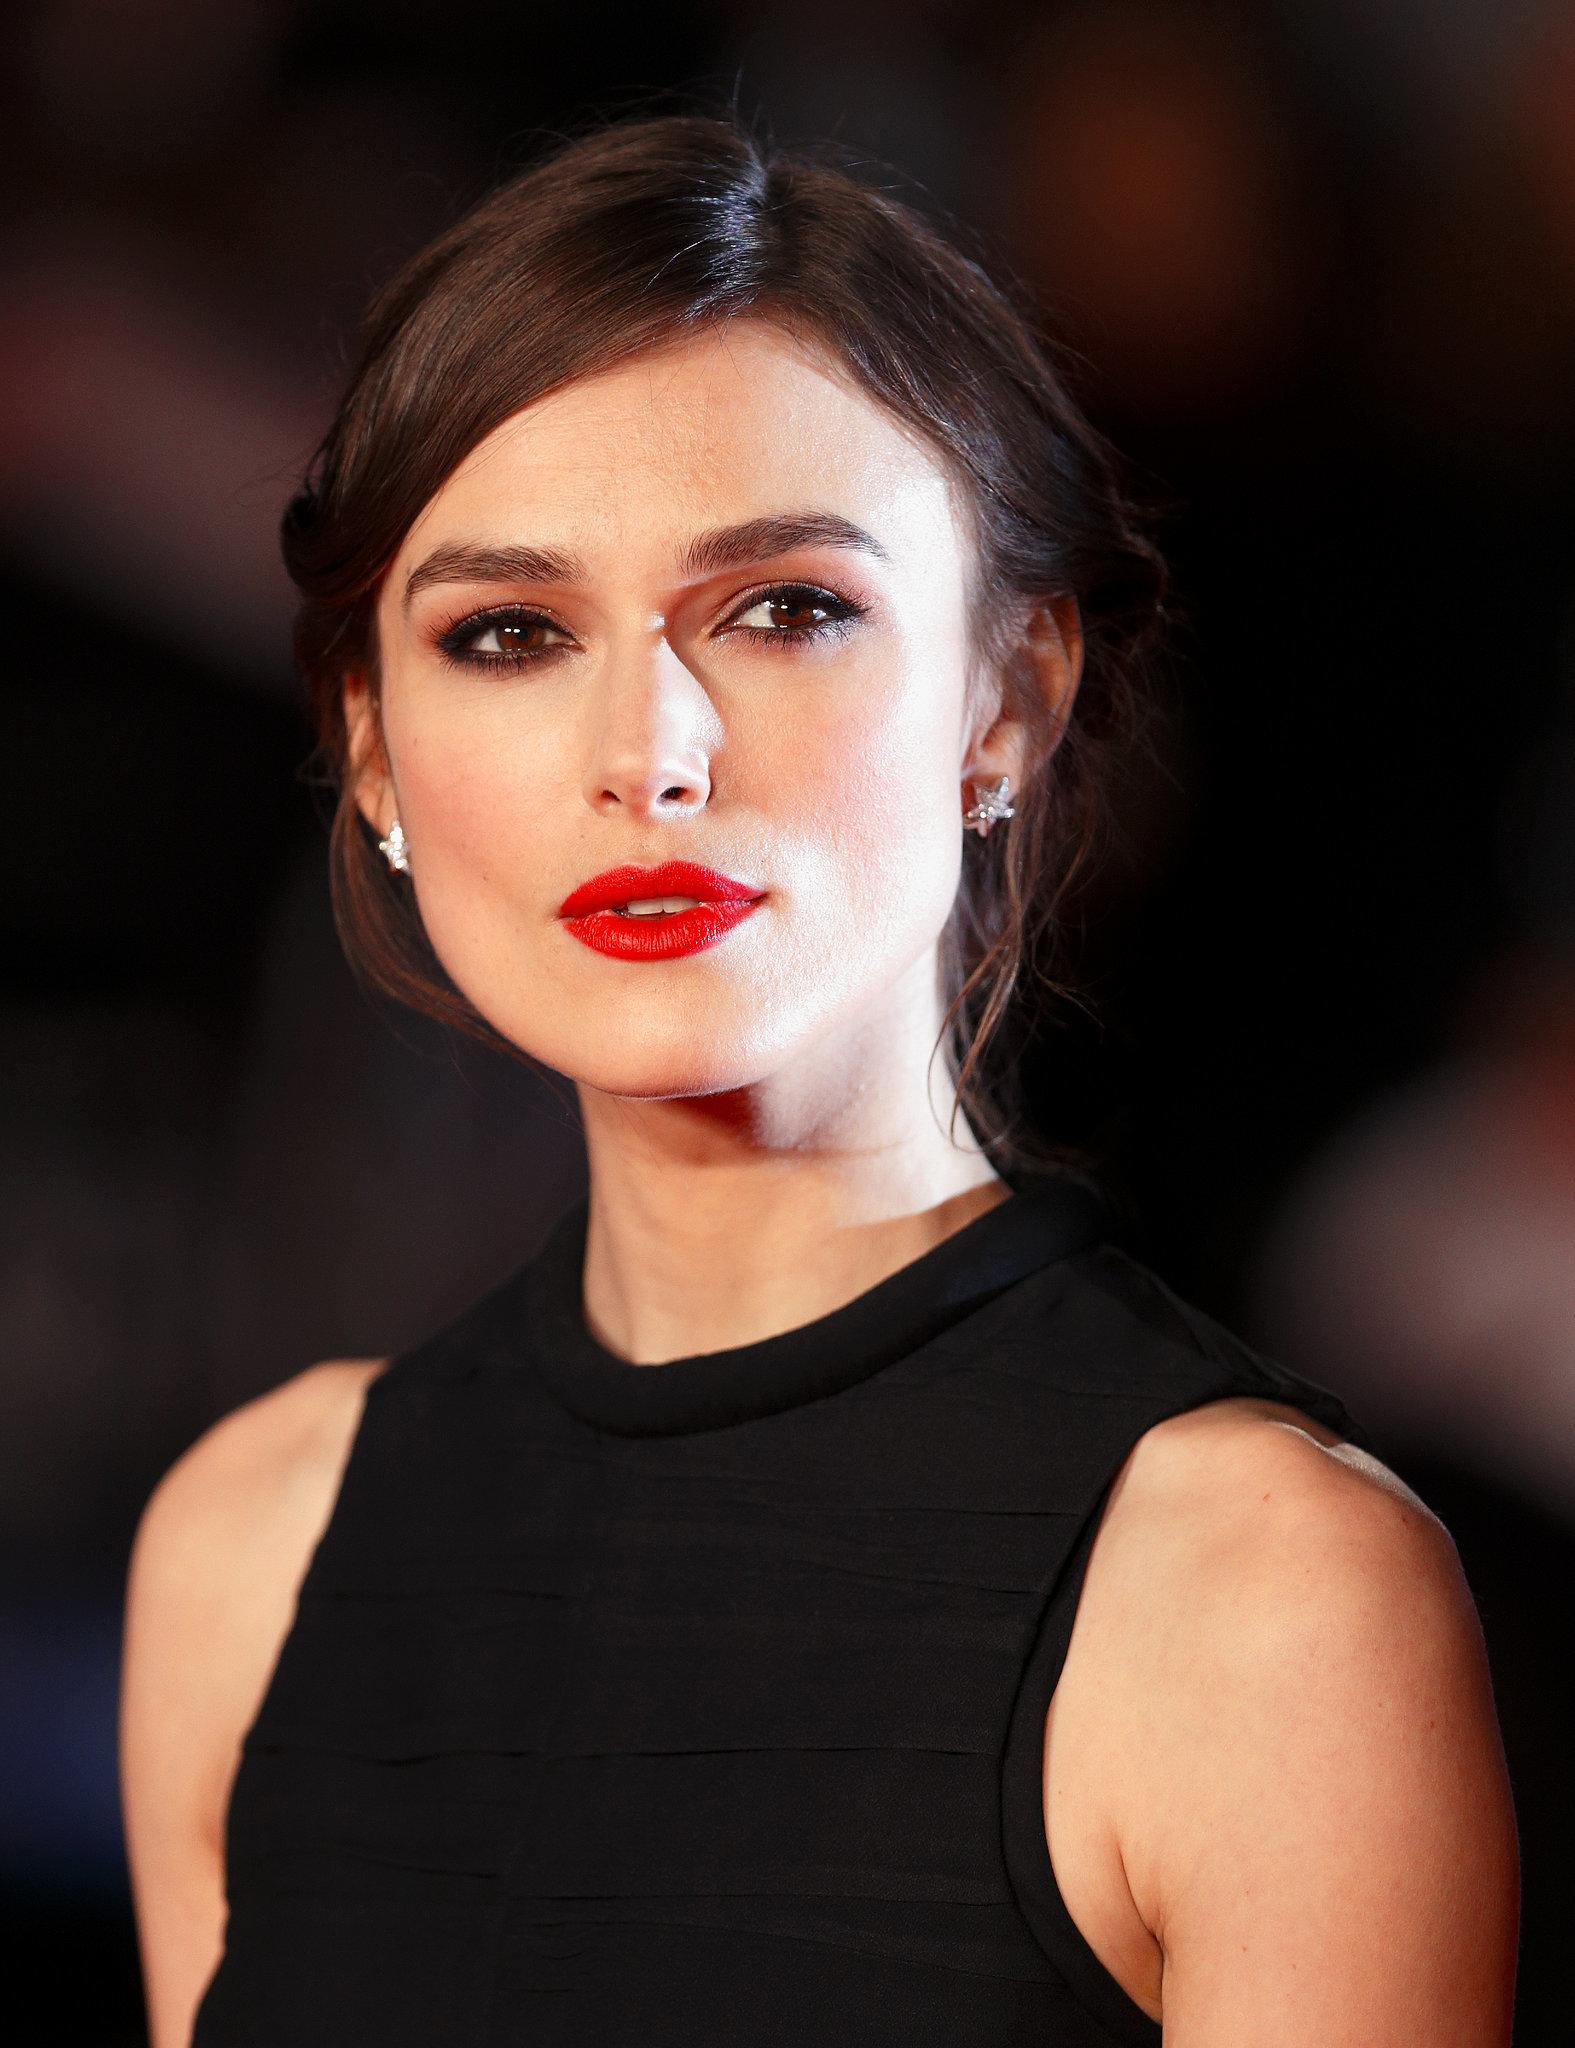 A Classic Red Lip